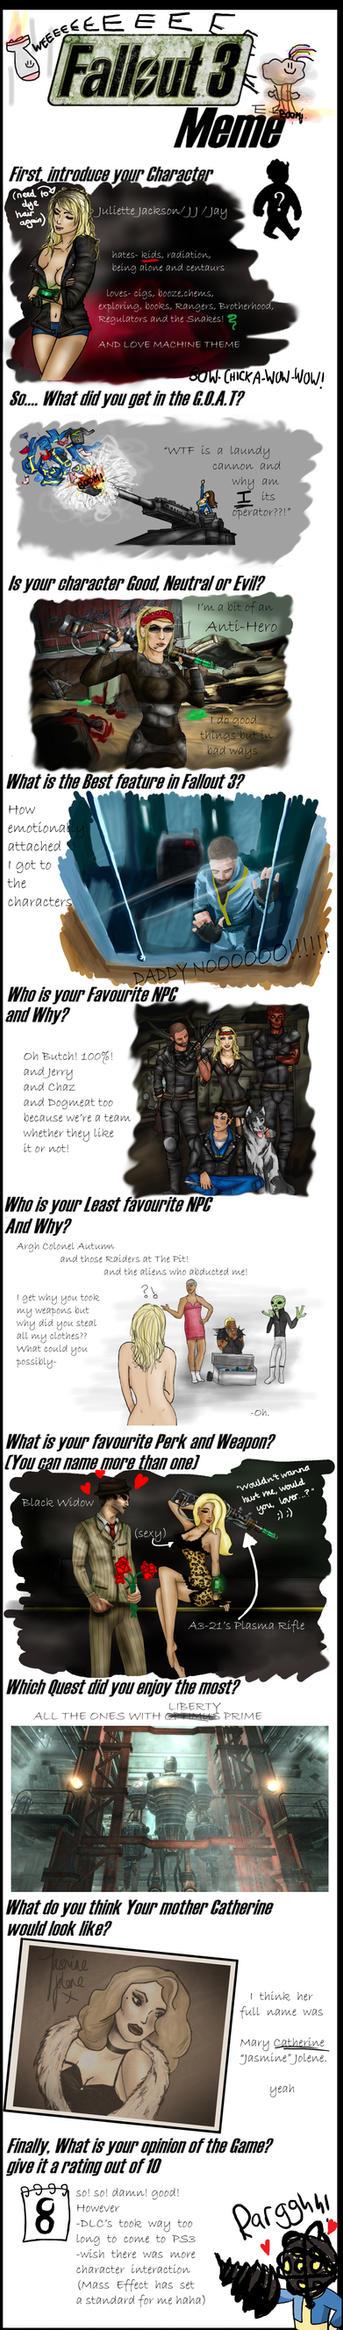 Fallout 3 meme by KellyLouX